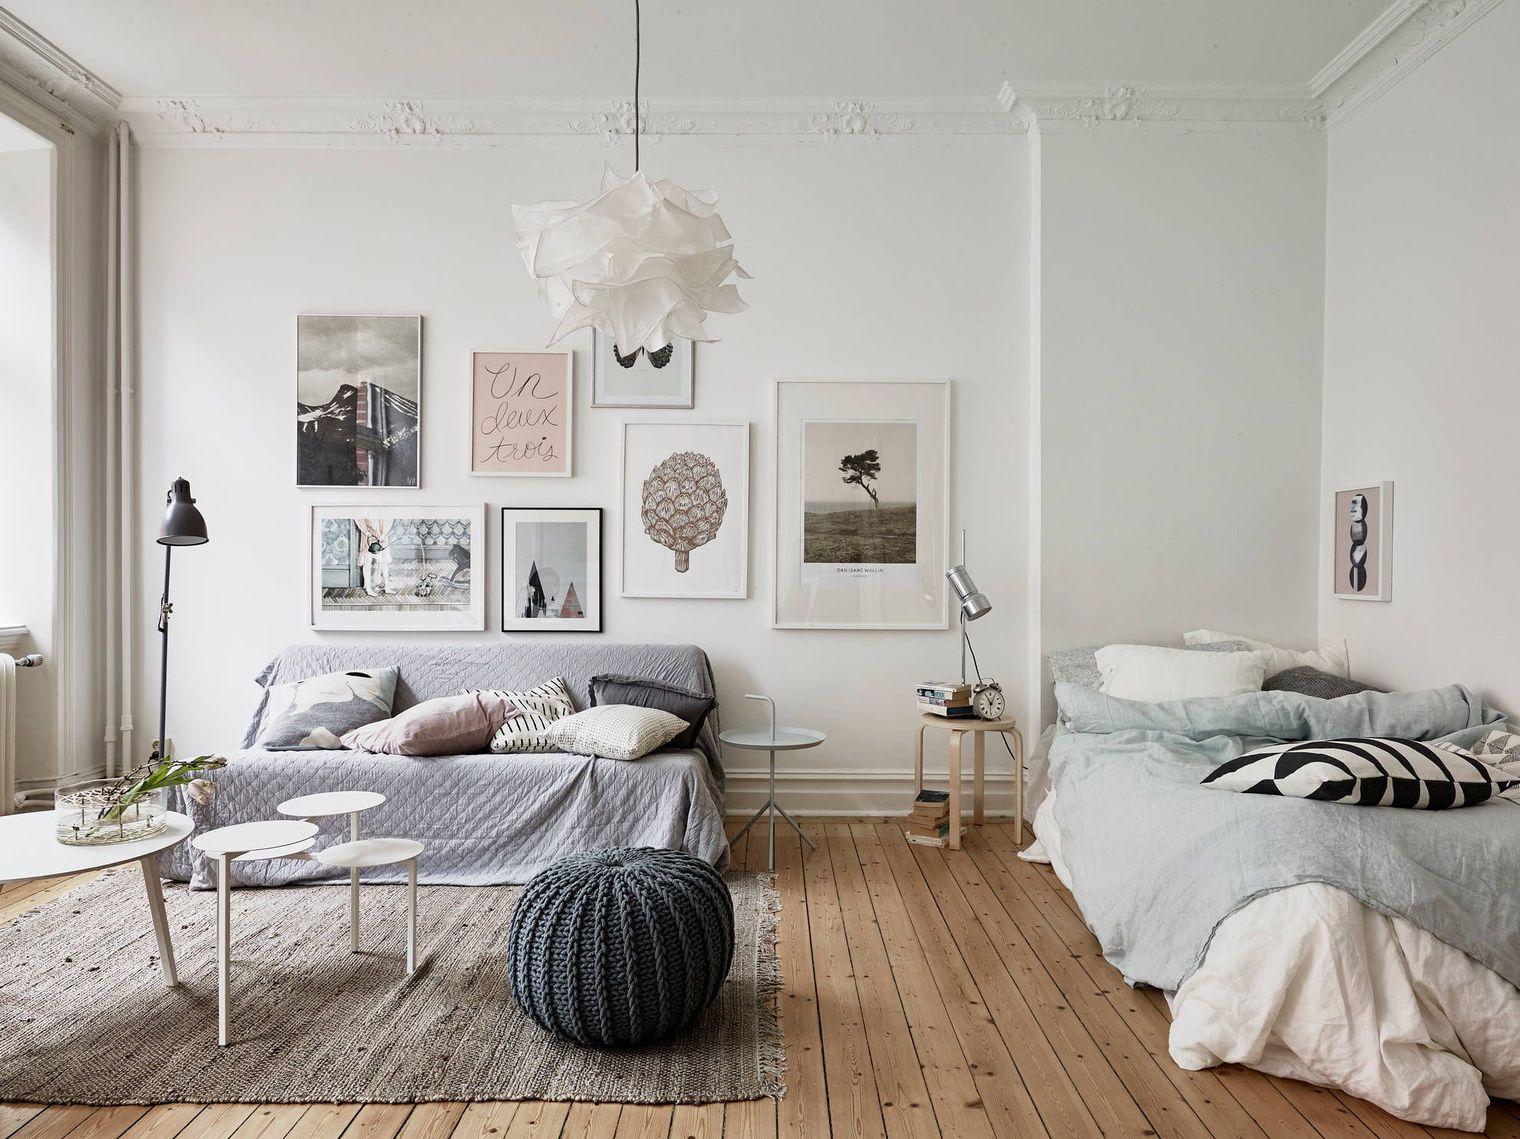 Однокомнатная квартира с кроватью